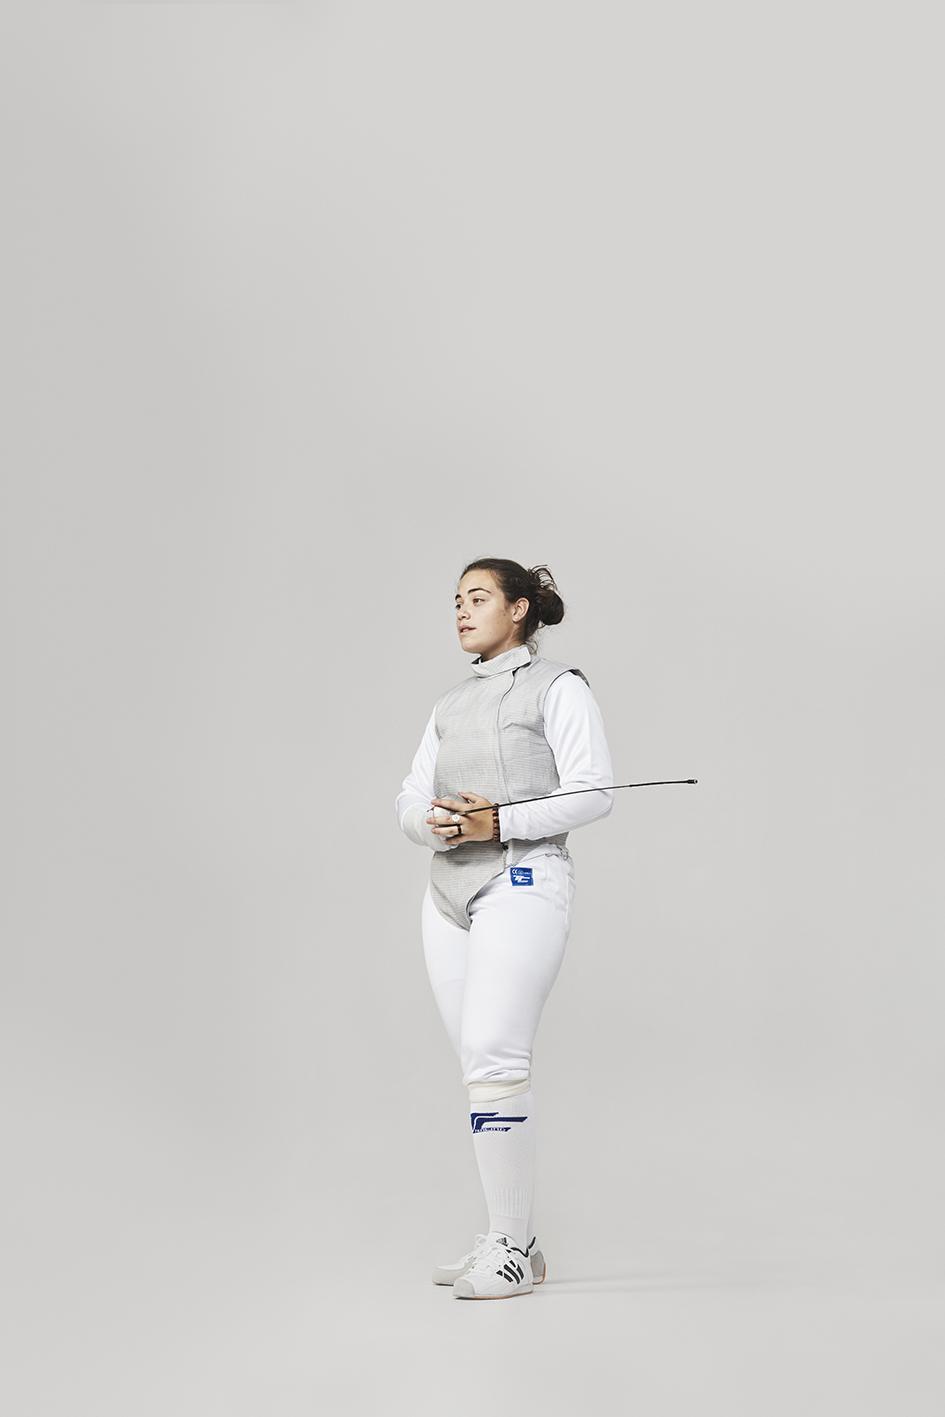 Ariadna Castro